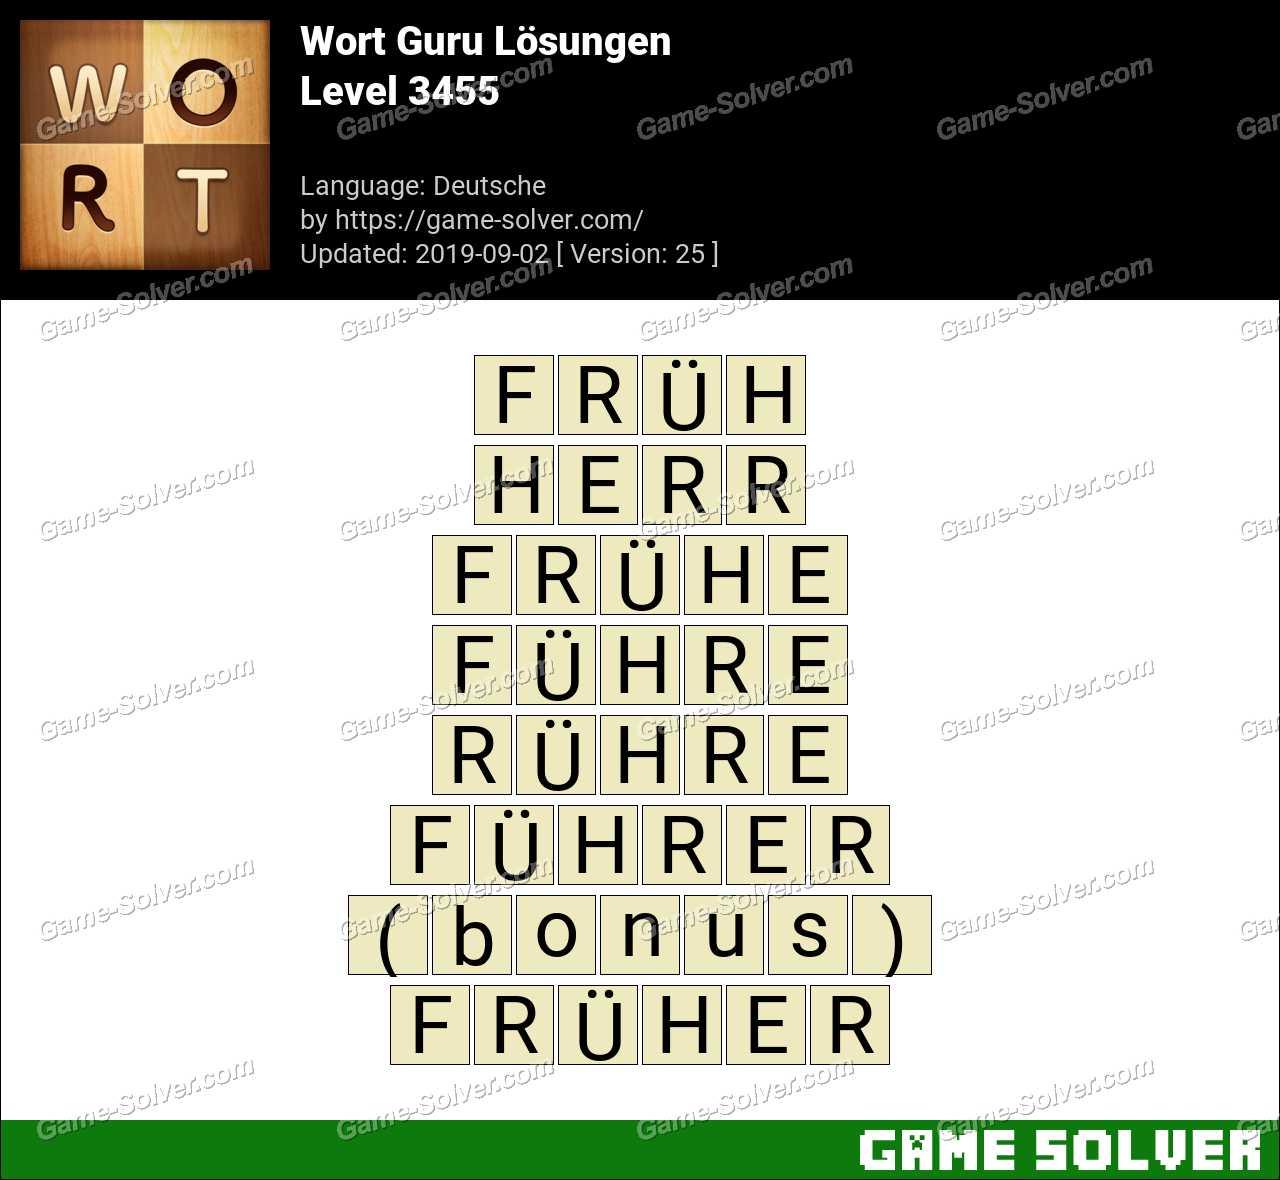 Wort Guru Level 3455 Lösungen